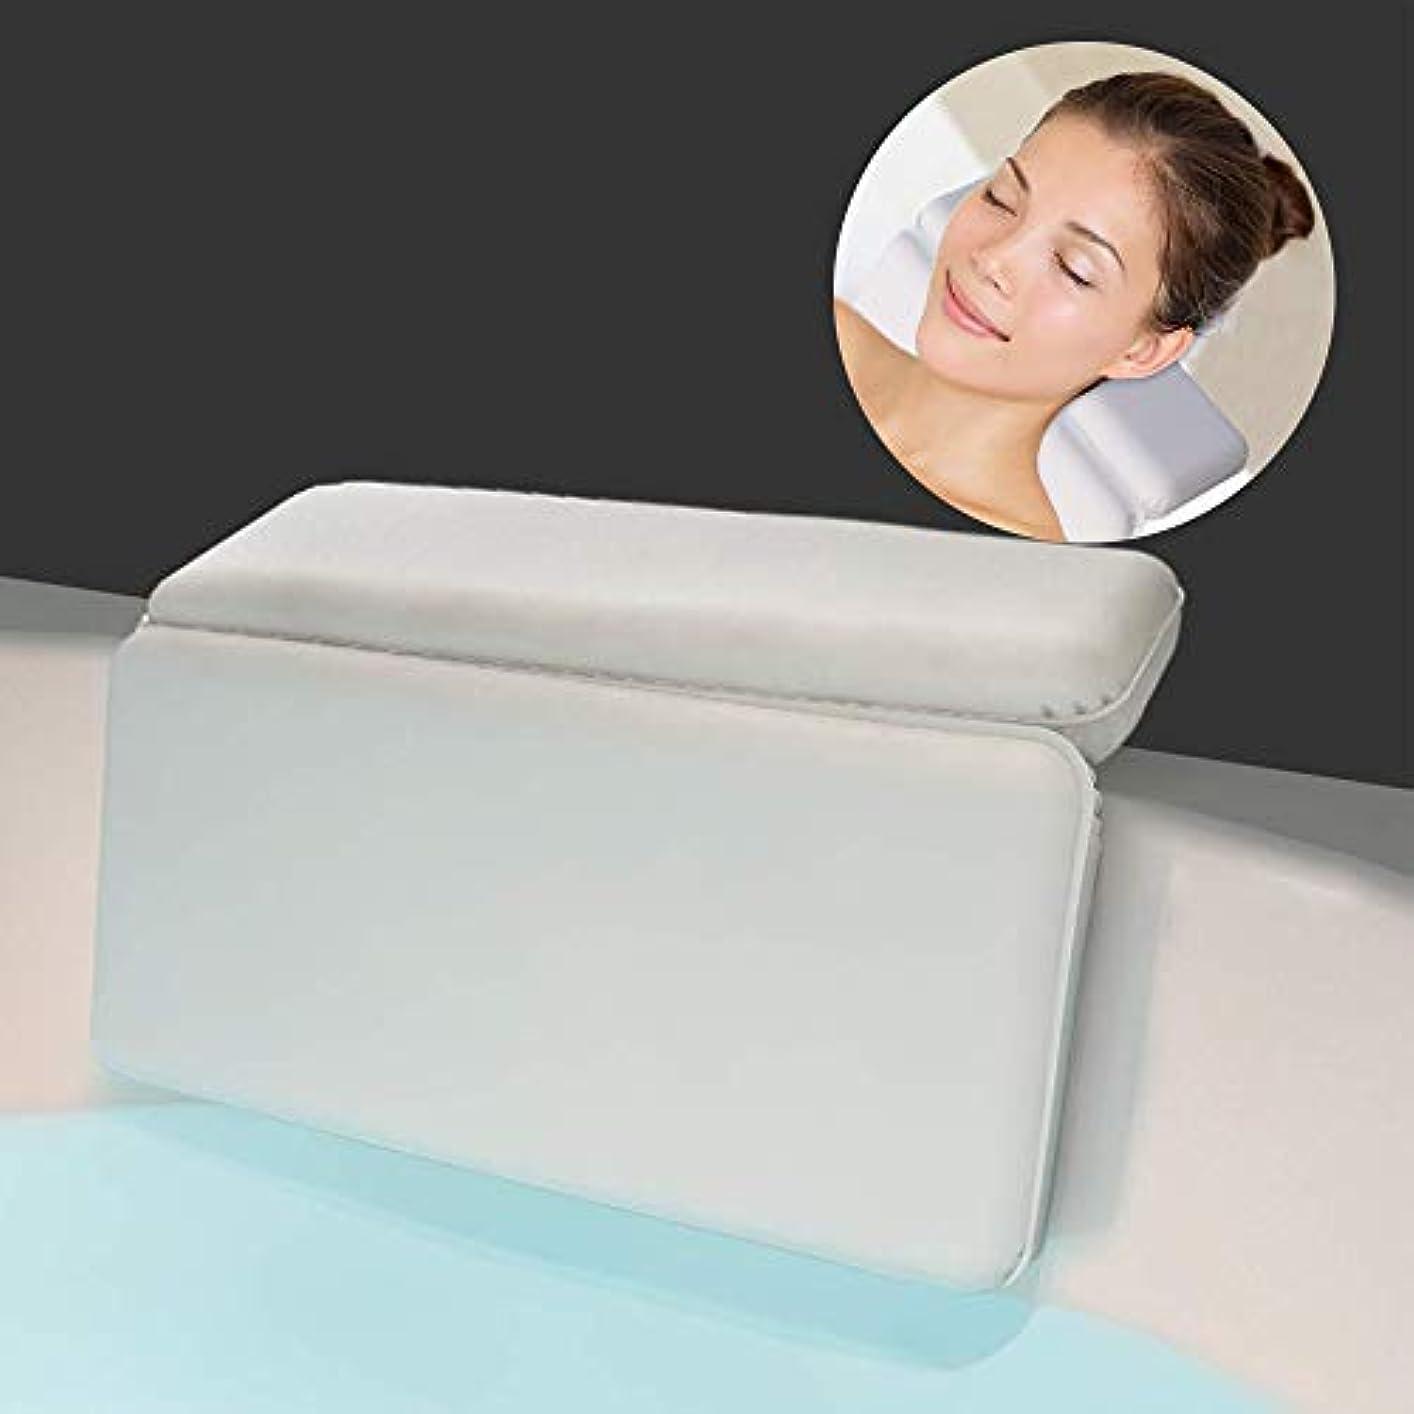 器官変換カップルサクションカップ付き防水ソフトバスピローショルダー&ネックサポート用の高級バスクッション。あらゆるサイズの浴槽にフィット